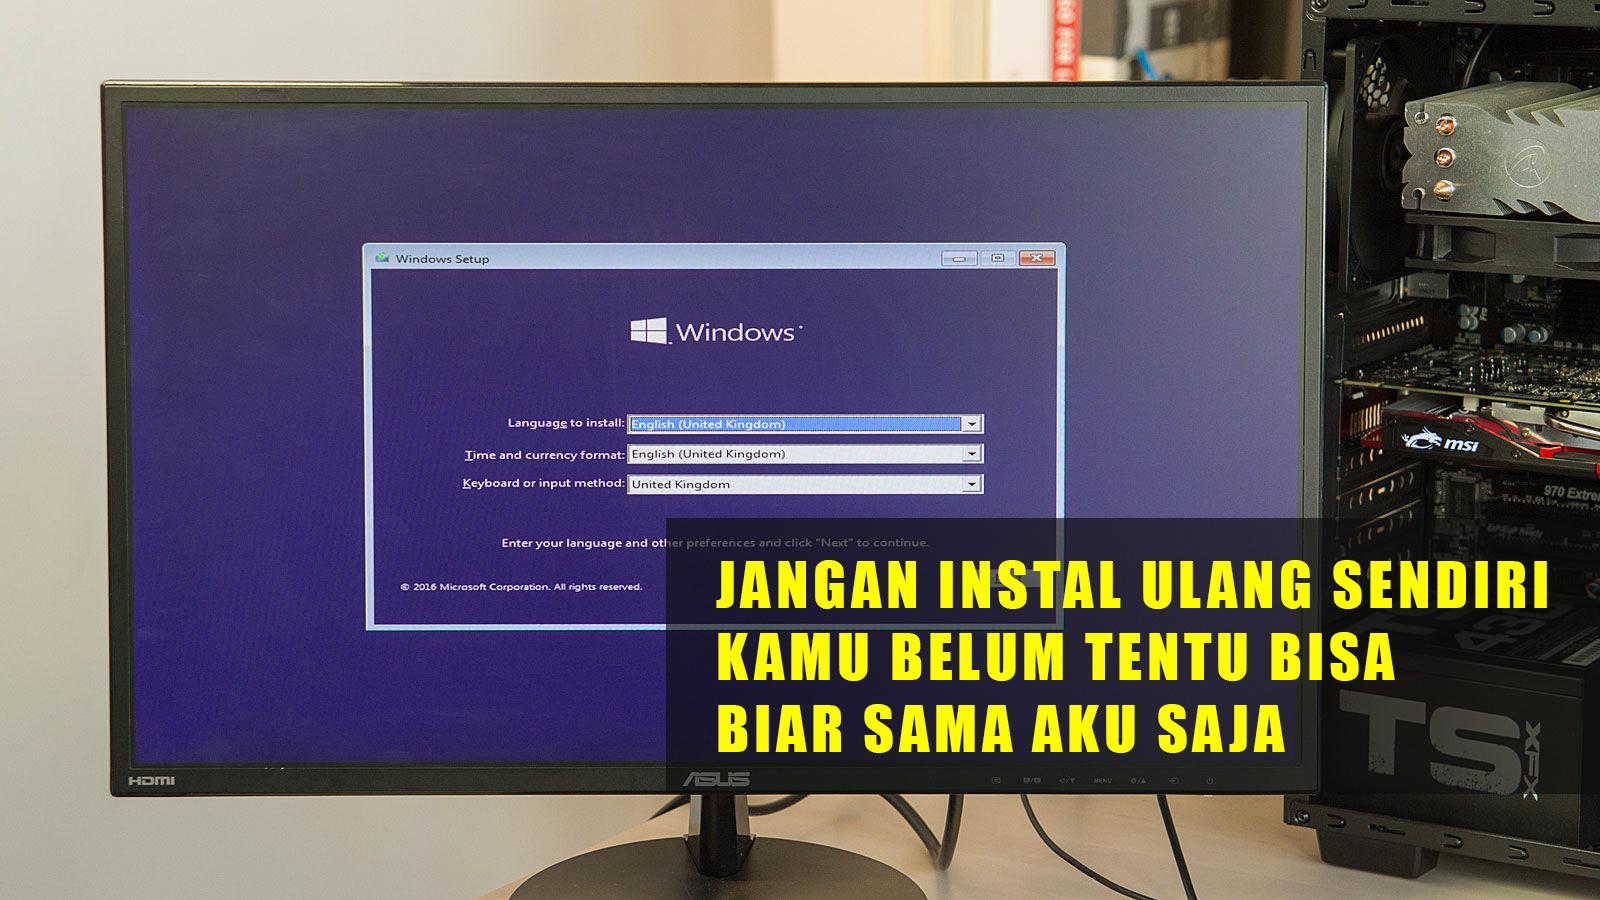 Jasa Instal Ulang Komputer Laptop Malang Terpercaya